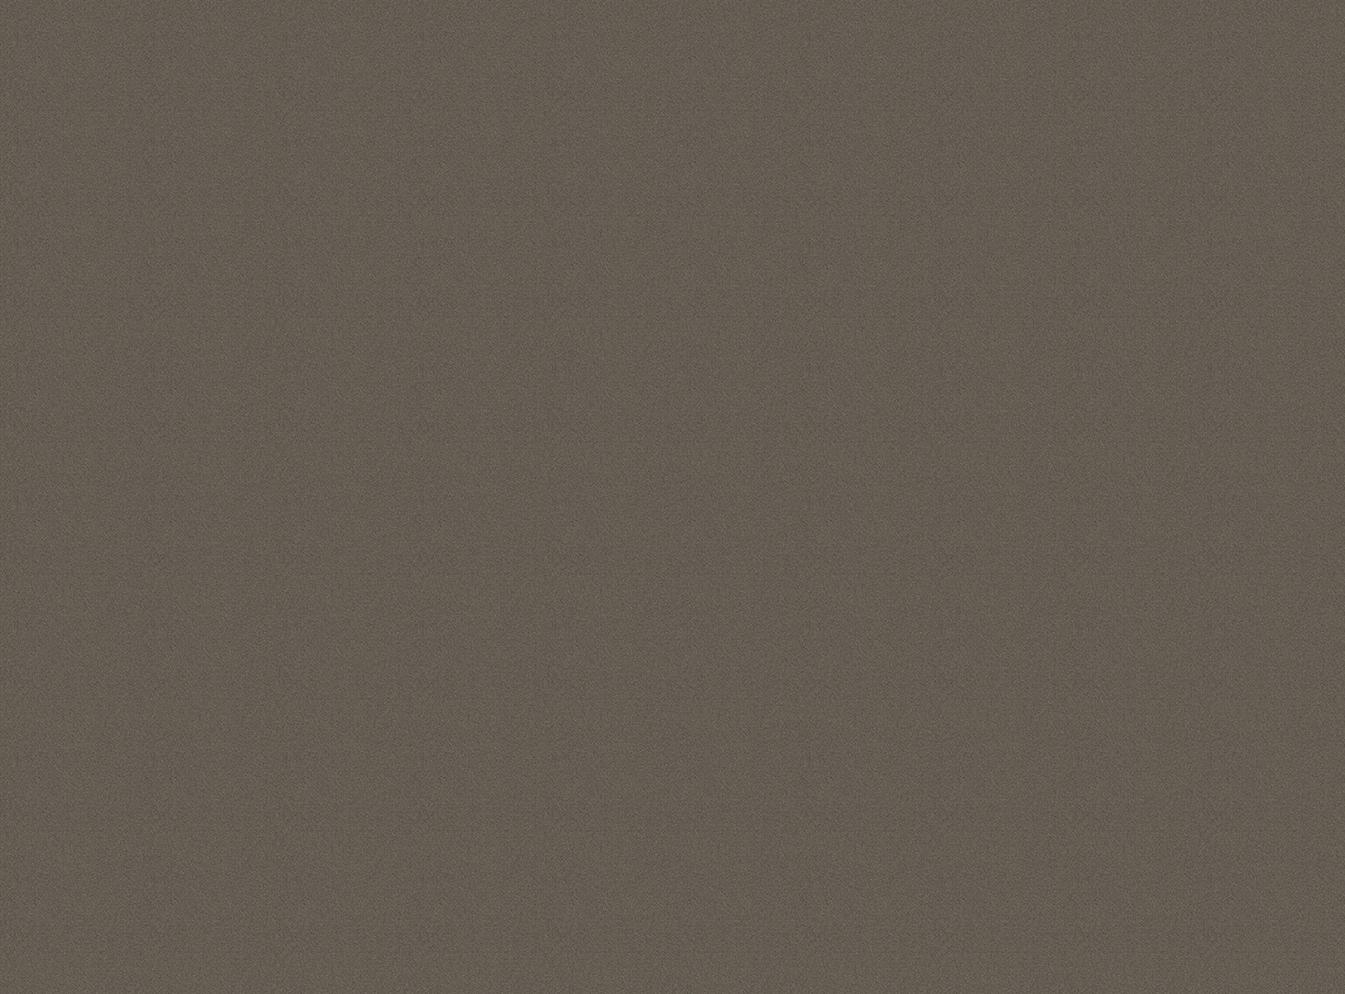 Лента AБC FB86 23/1 Idea (коричневый)